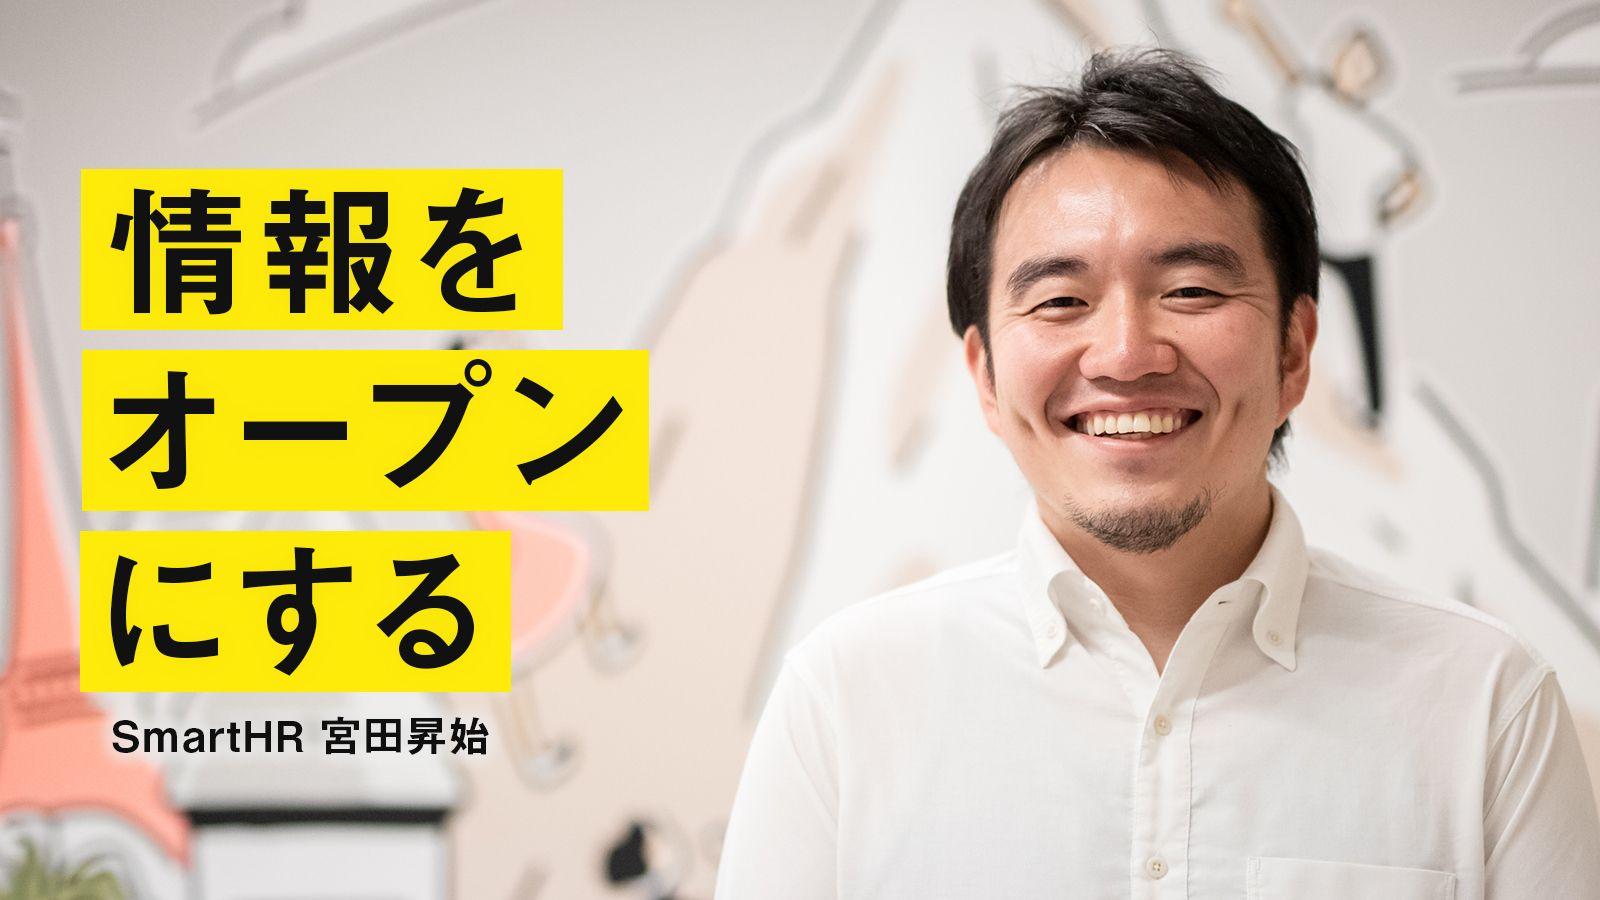 3年半で107名を採用、SmartHR代表宮田昇始がこだわる「透明性」